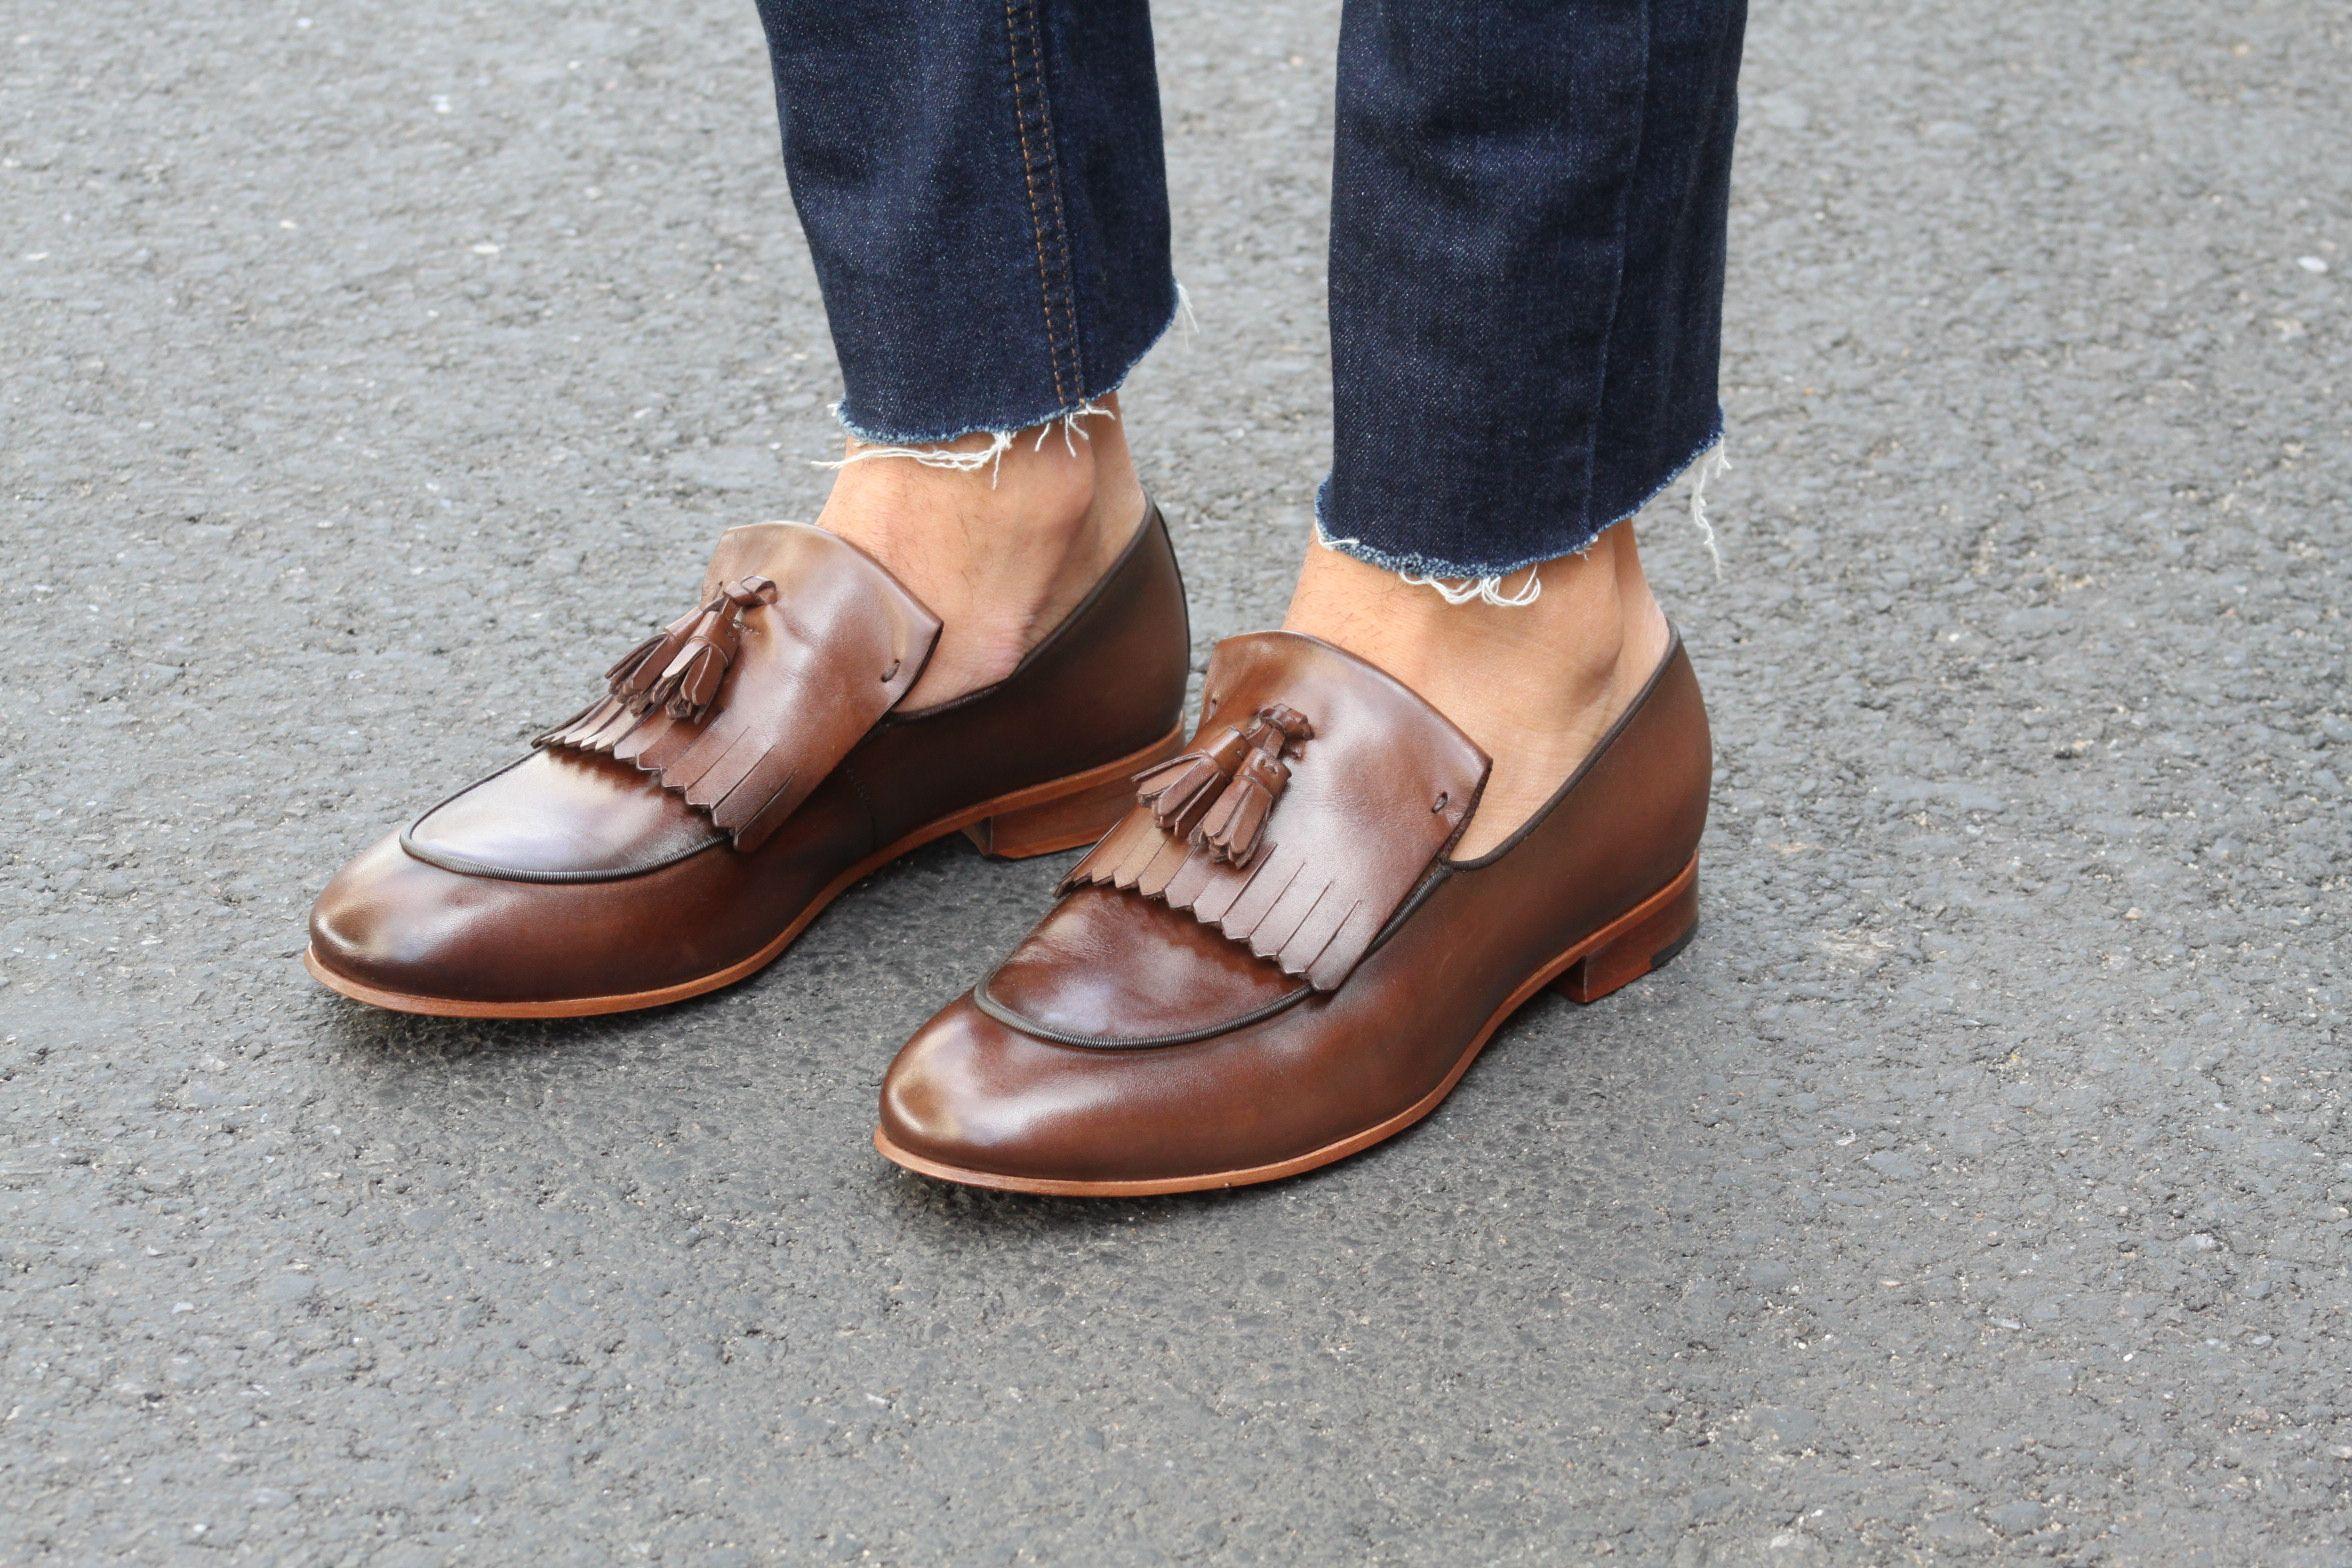 42bb14ef89 Sapato Social Masculino Loafer CNS + em couro cor Café com solado em couro.   cns  cnsmais  sapato  social  loafer  mocassim  couro  leather  shoes  men